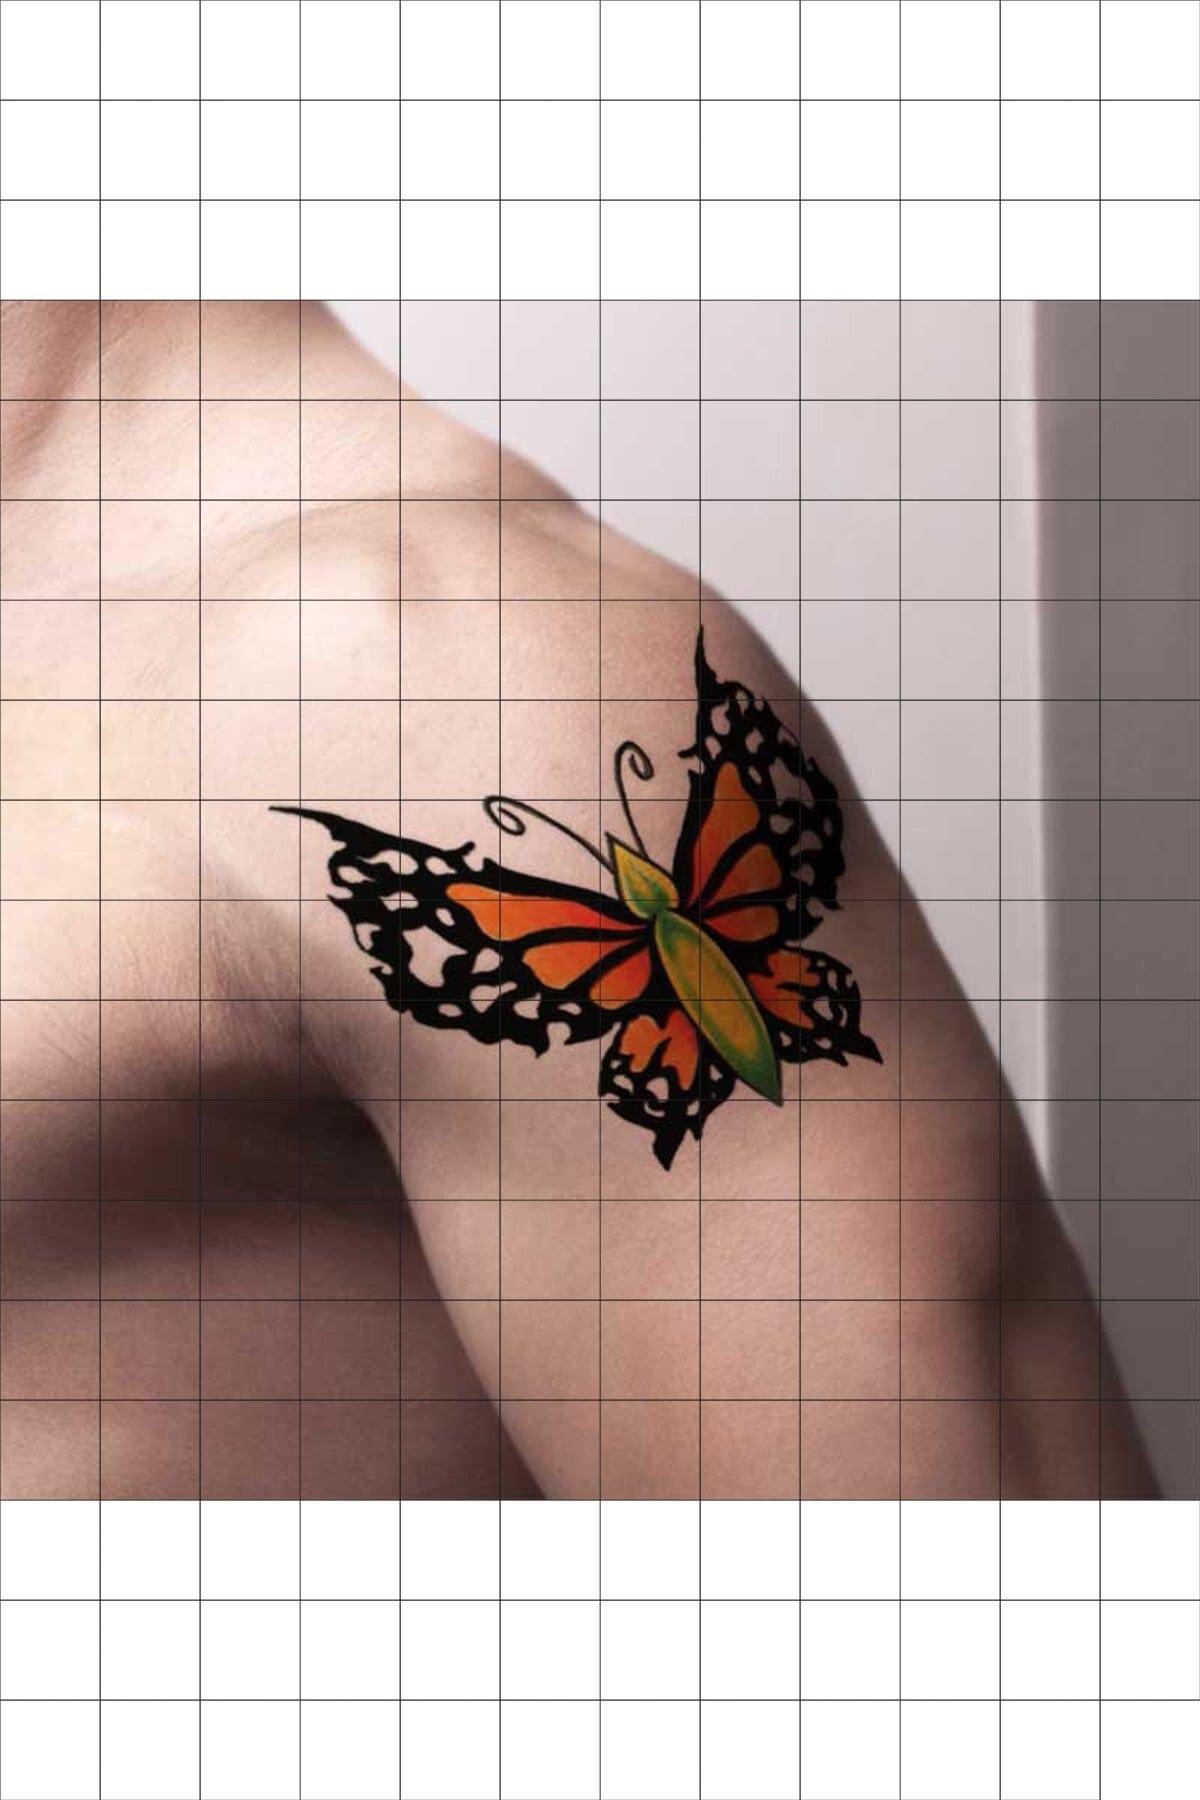 TatFast Kelebek 1073 Geçici Dövme Flash Tattoo 1